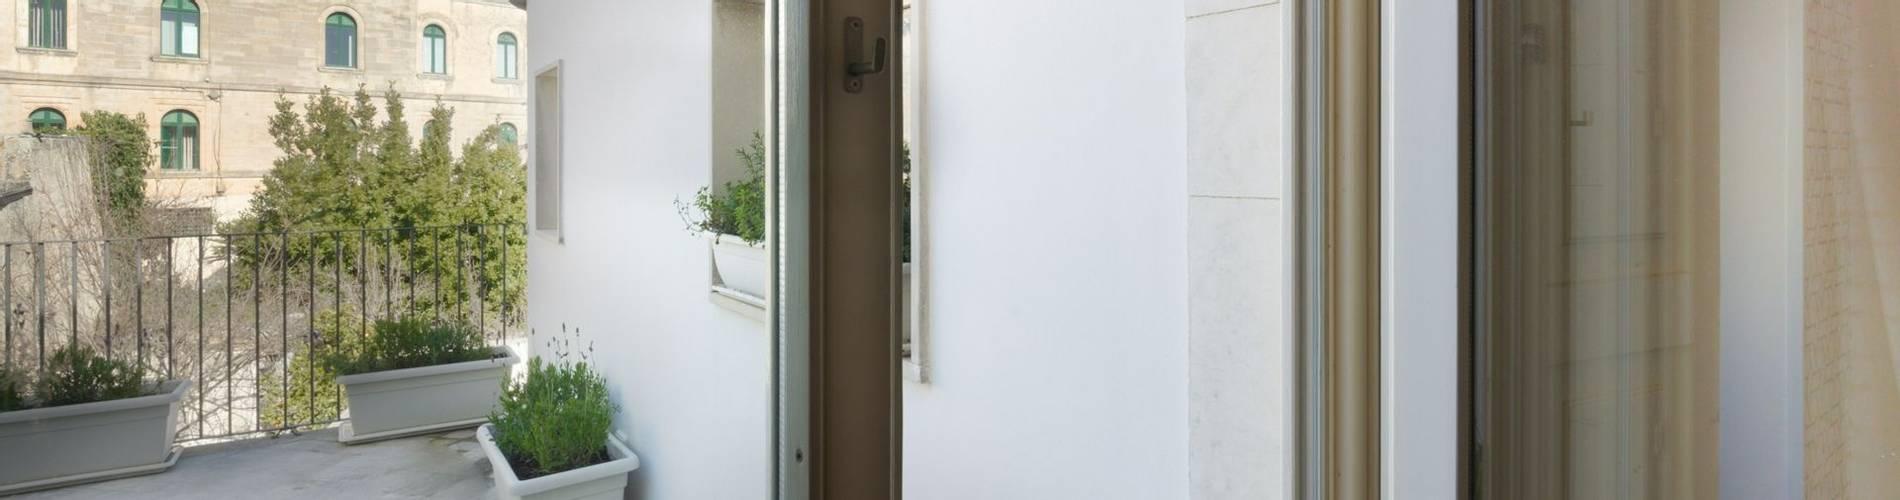 Villa Del Lauro, Sicily, Italy, camera 12 suite (2).jpg